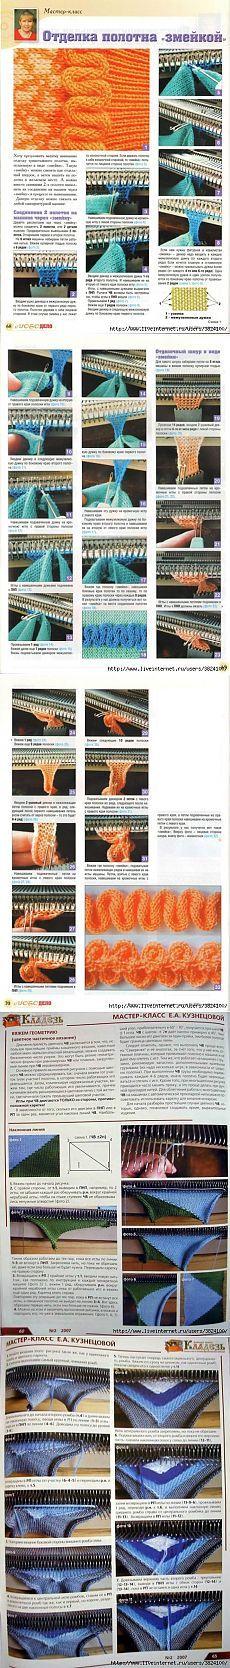 Мастер классы машинное вязание: Дневник группы «ВЯЖЕМ ПО ОПИСАНИЮ»: Группы…